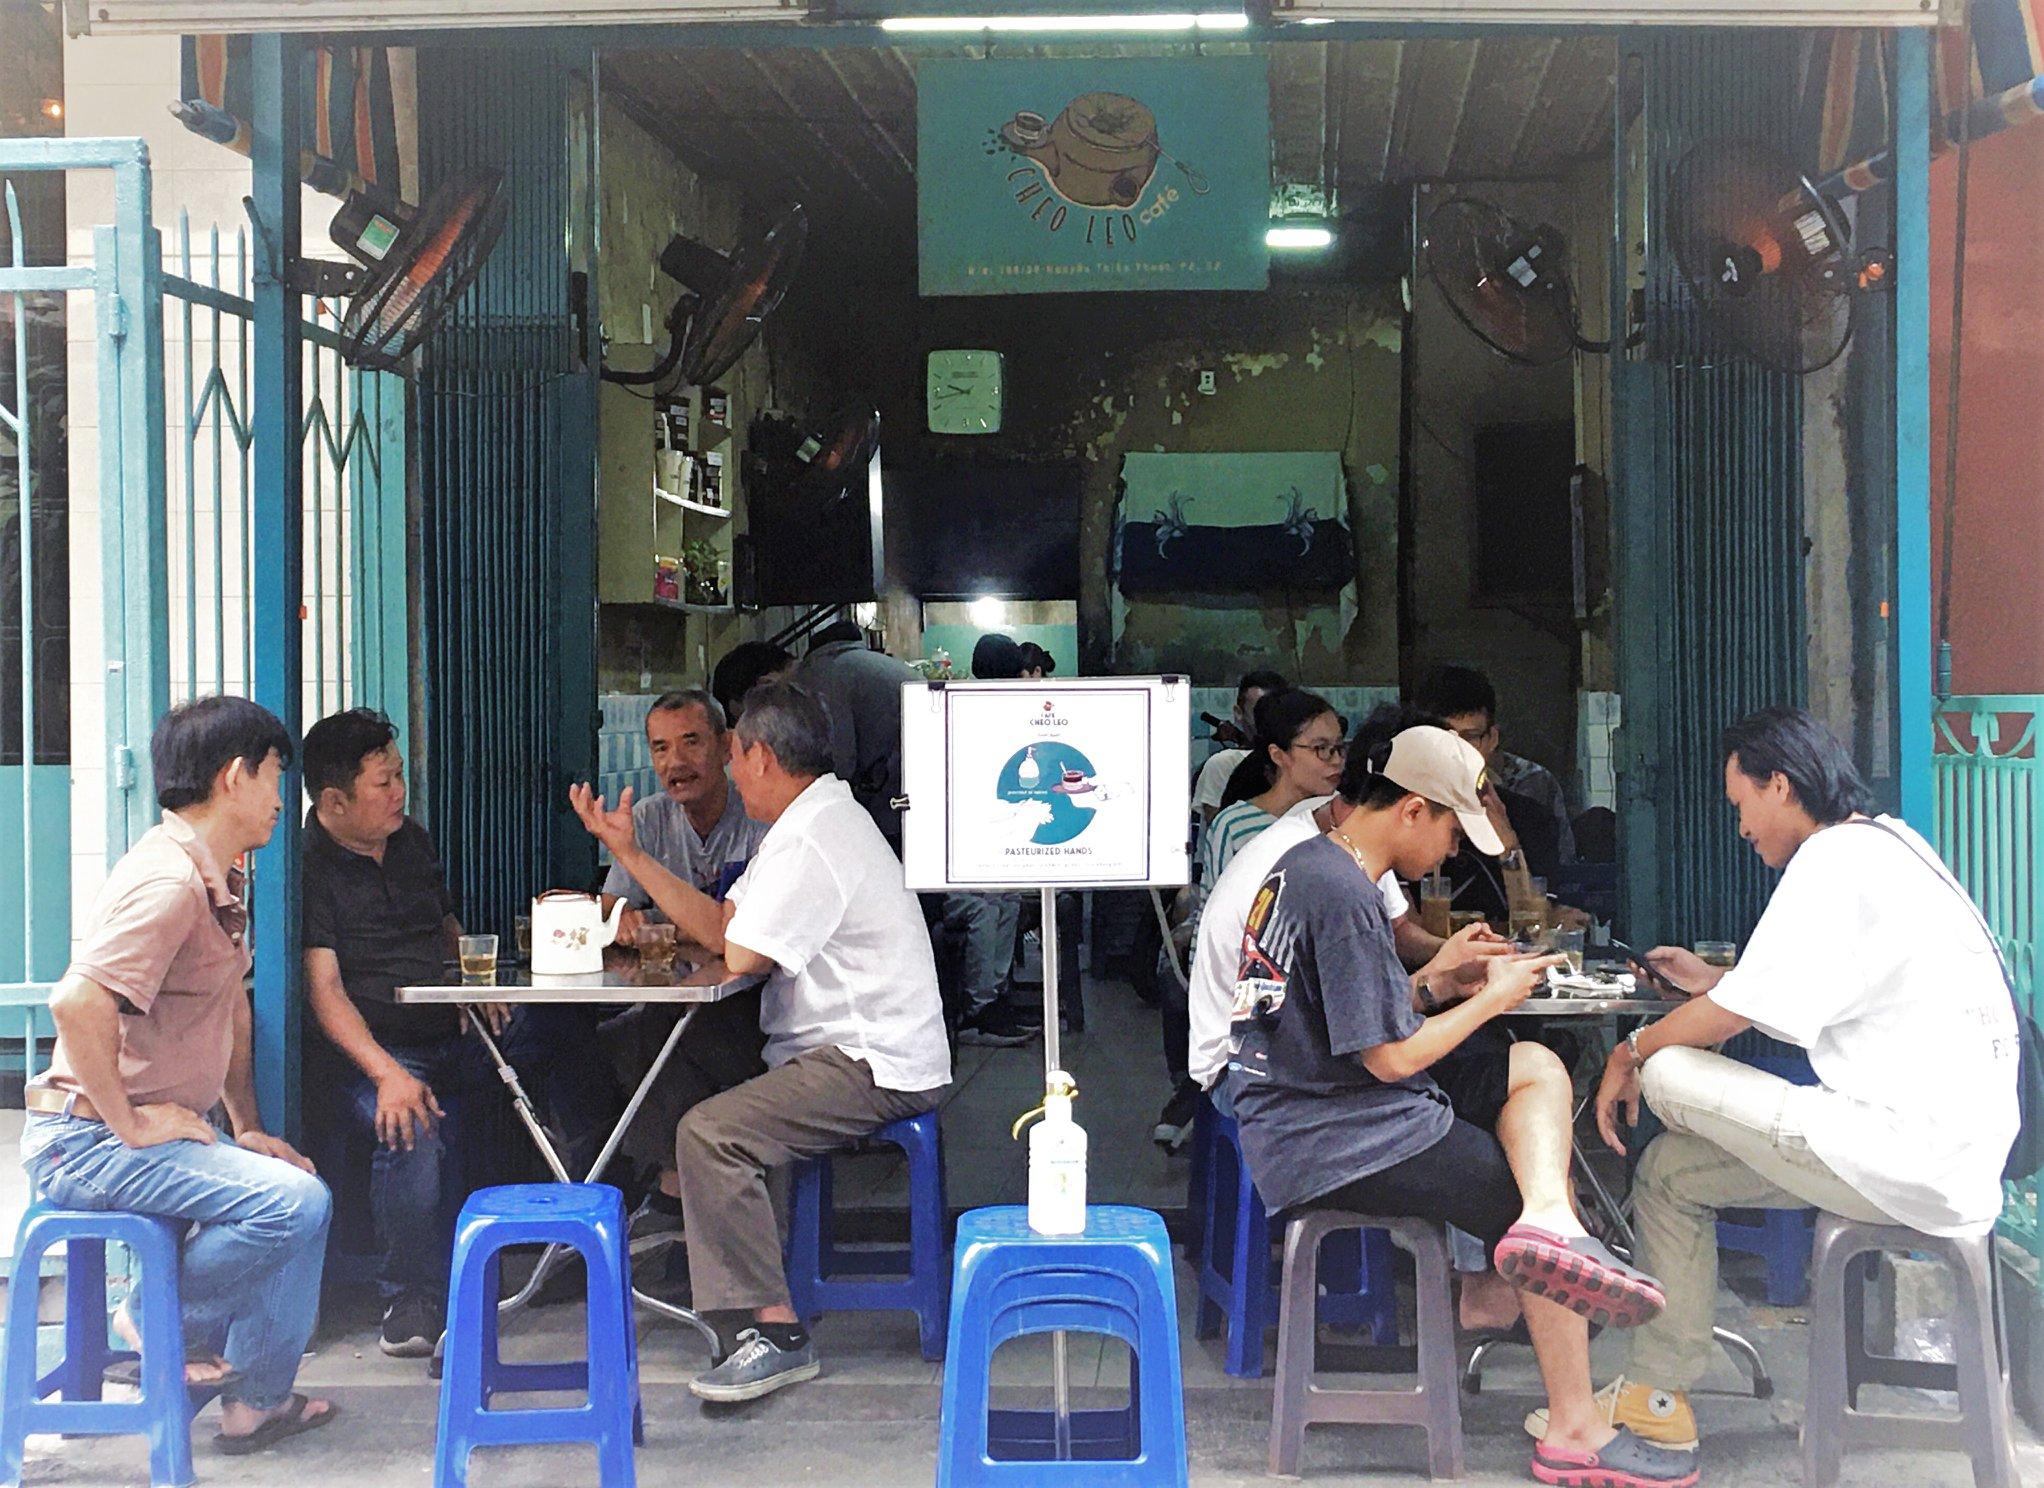 Cheo Leo khi được bán tại chỗ. Ảnh: Facebook Cheo Leo Cafe